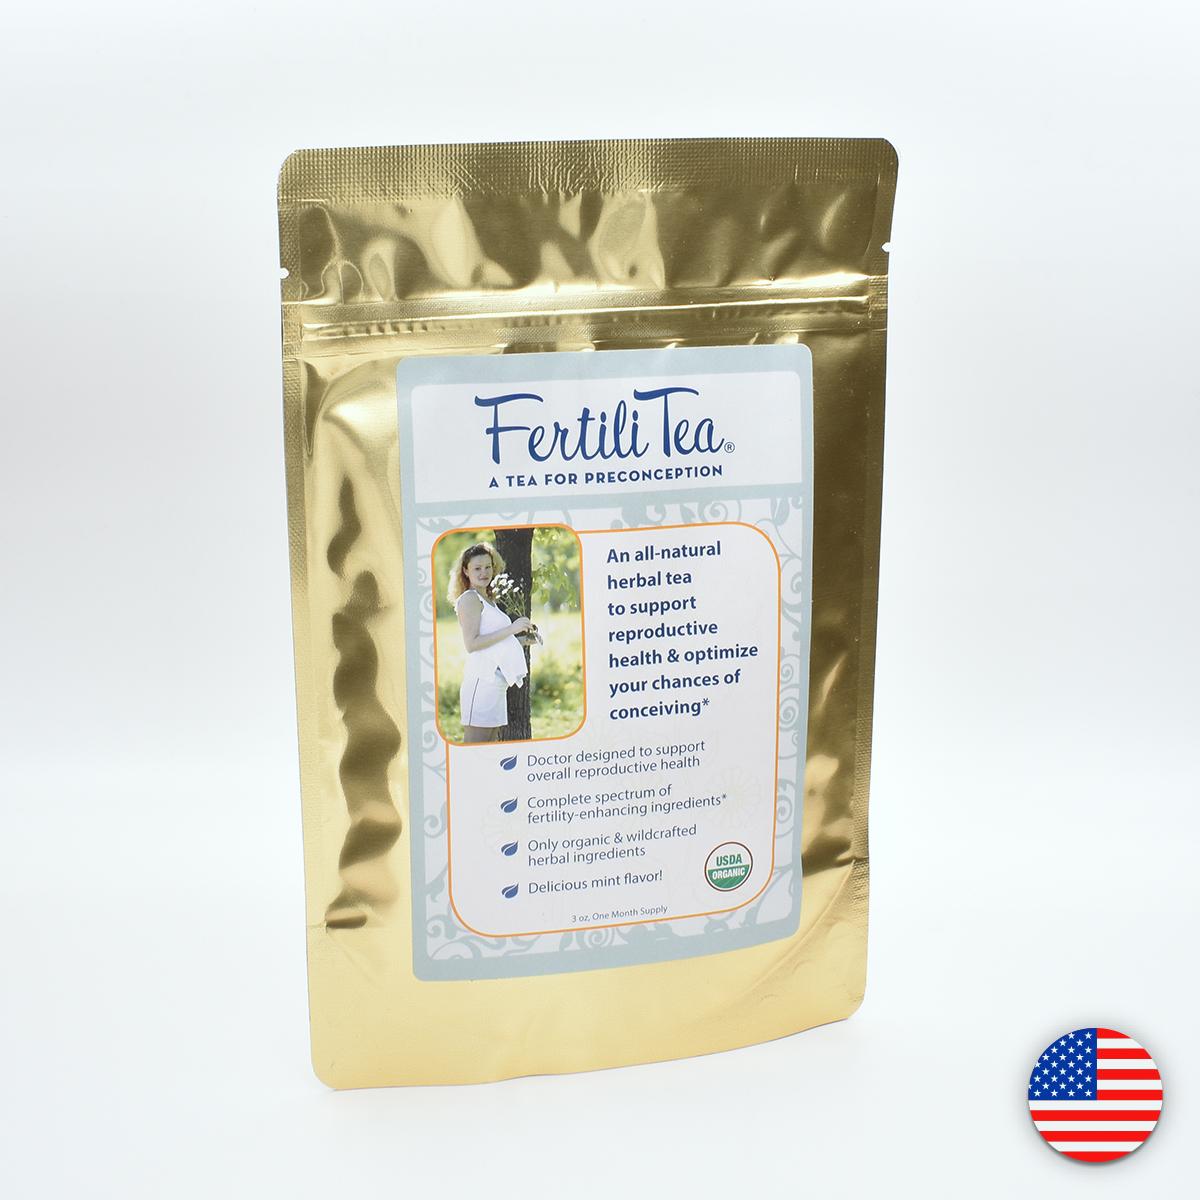 Fertili Tea